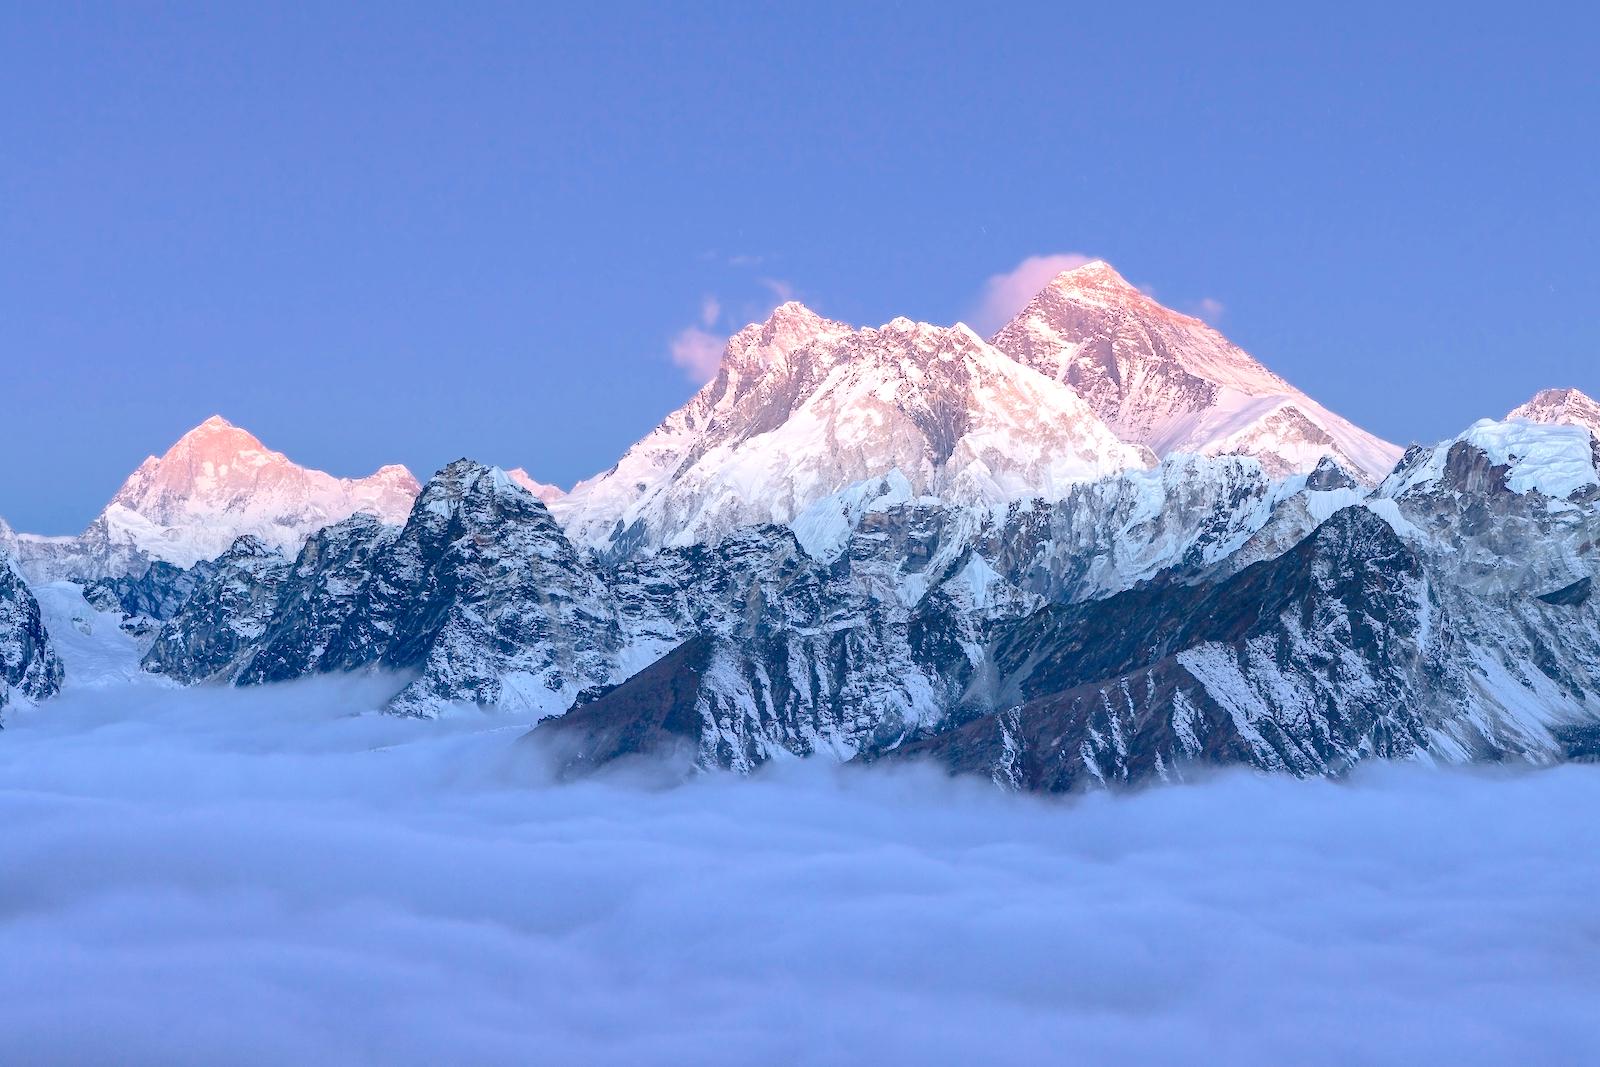 憧れのエベレスト&ヒマラヤの絶景を遊覧飛行でエンジョイ!